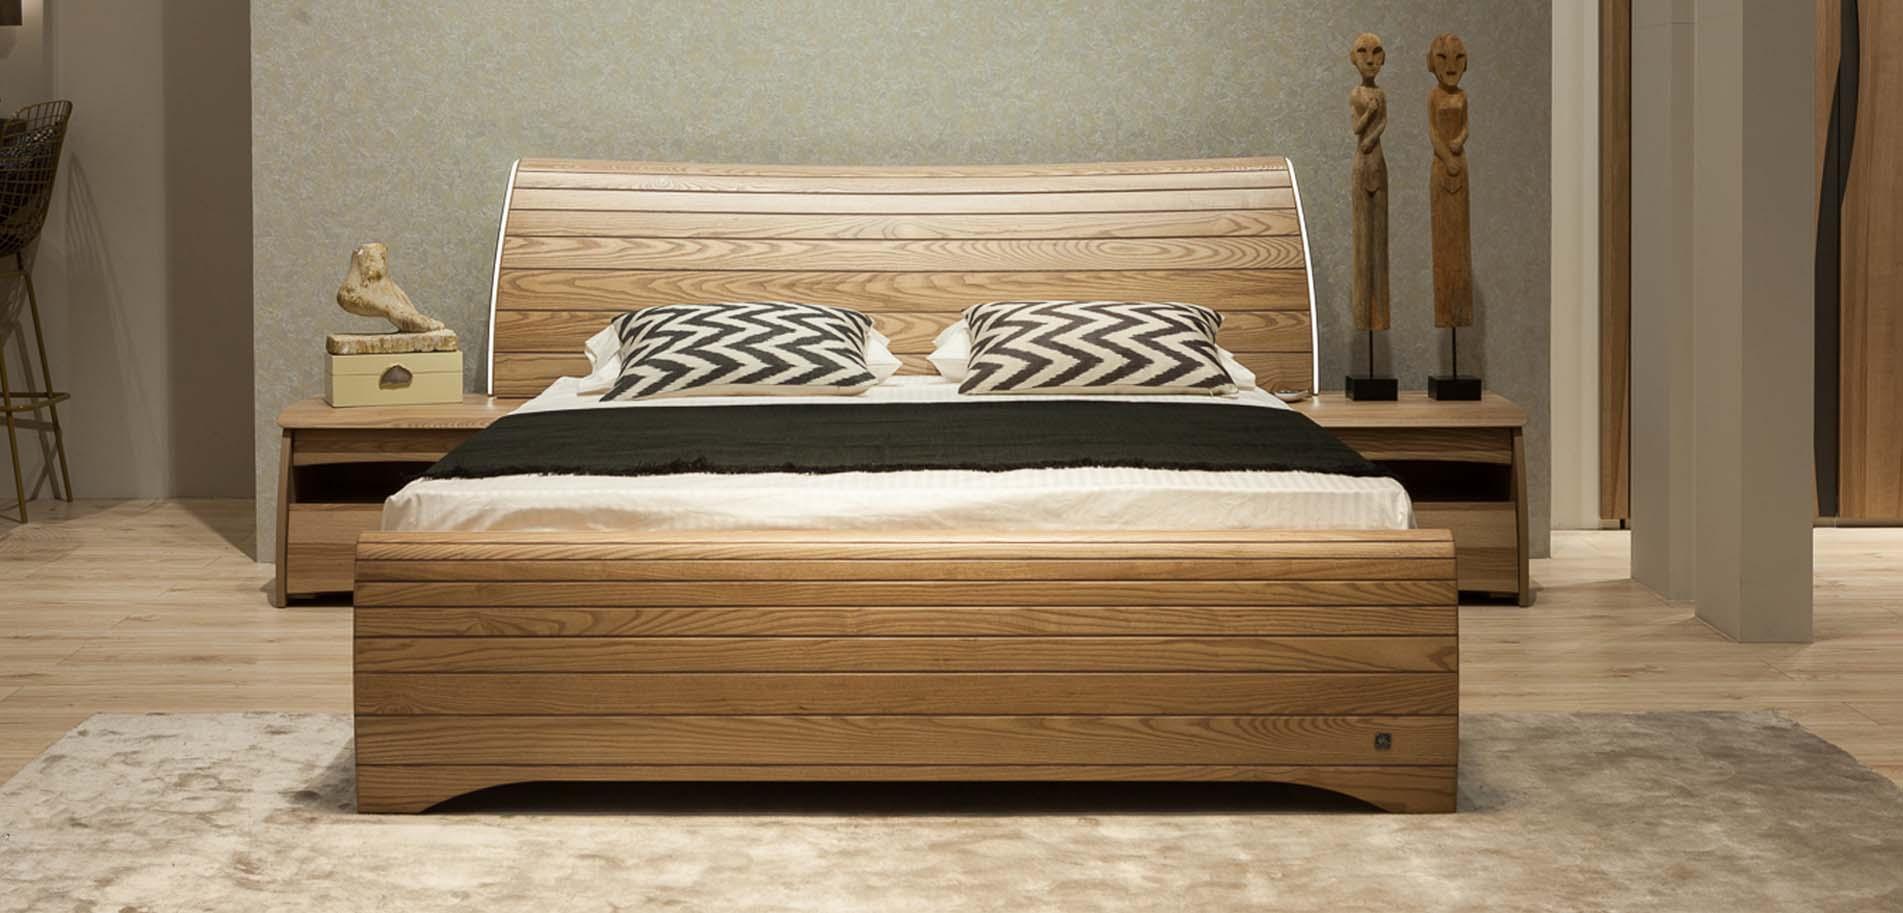 Danai join κρεβάτι